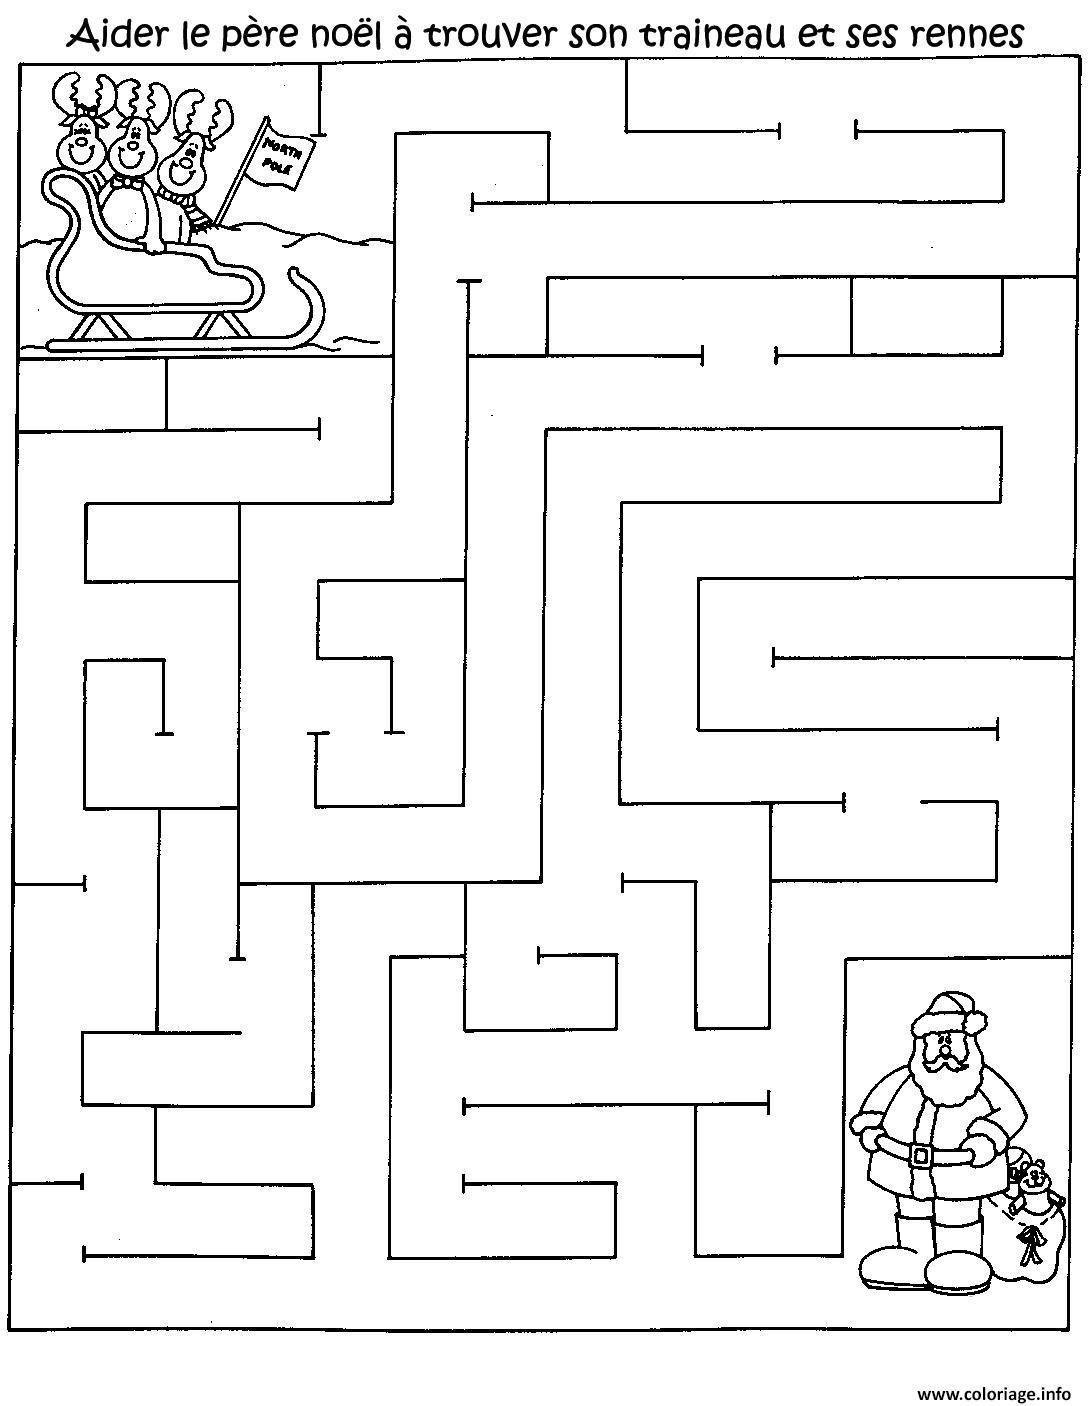 Coloriage Jeu Pere Noel Labyrinthe Noel Gratuit Imprimer Dessin avec Labyrinthes À Imprimer